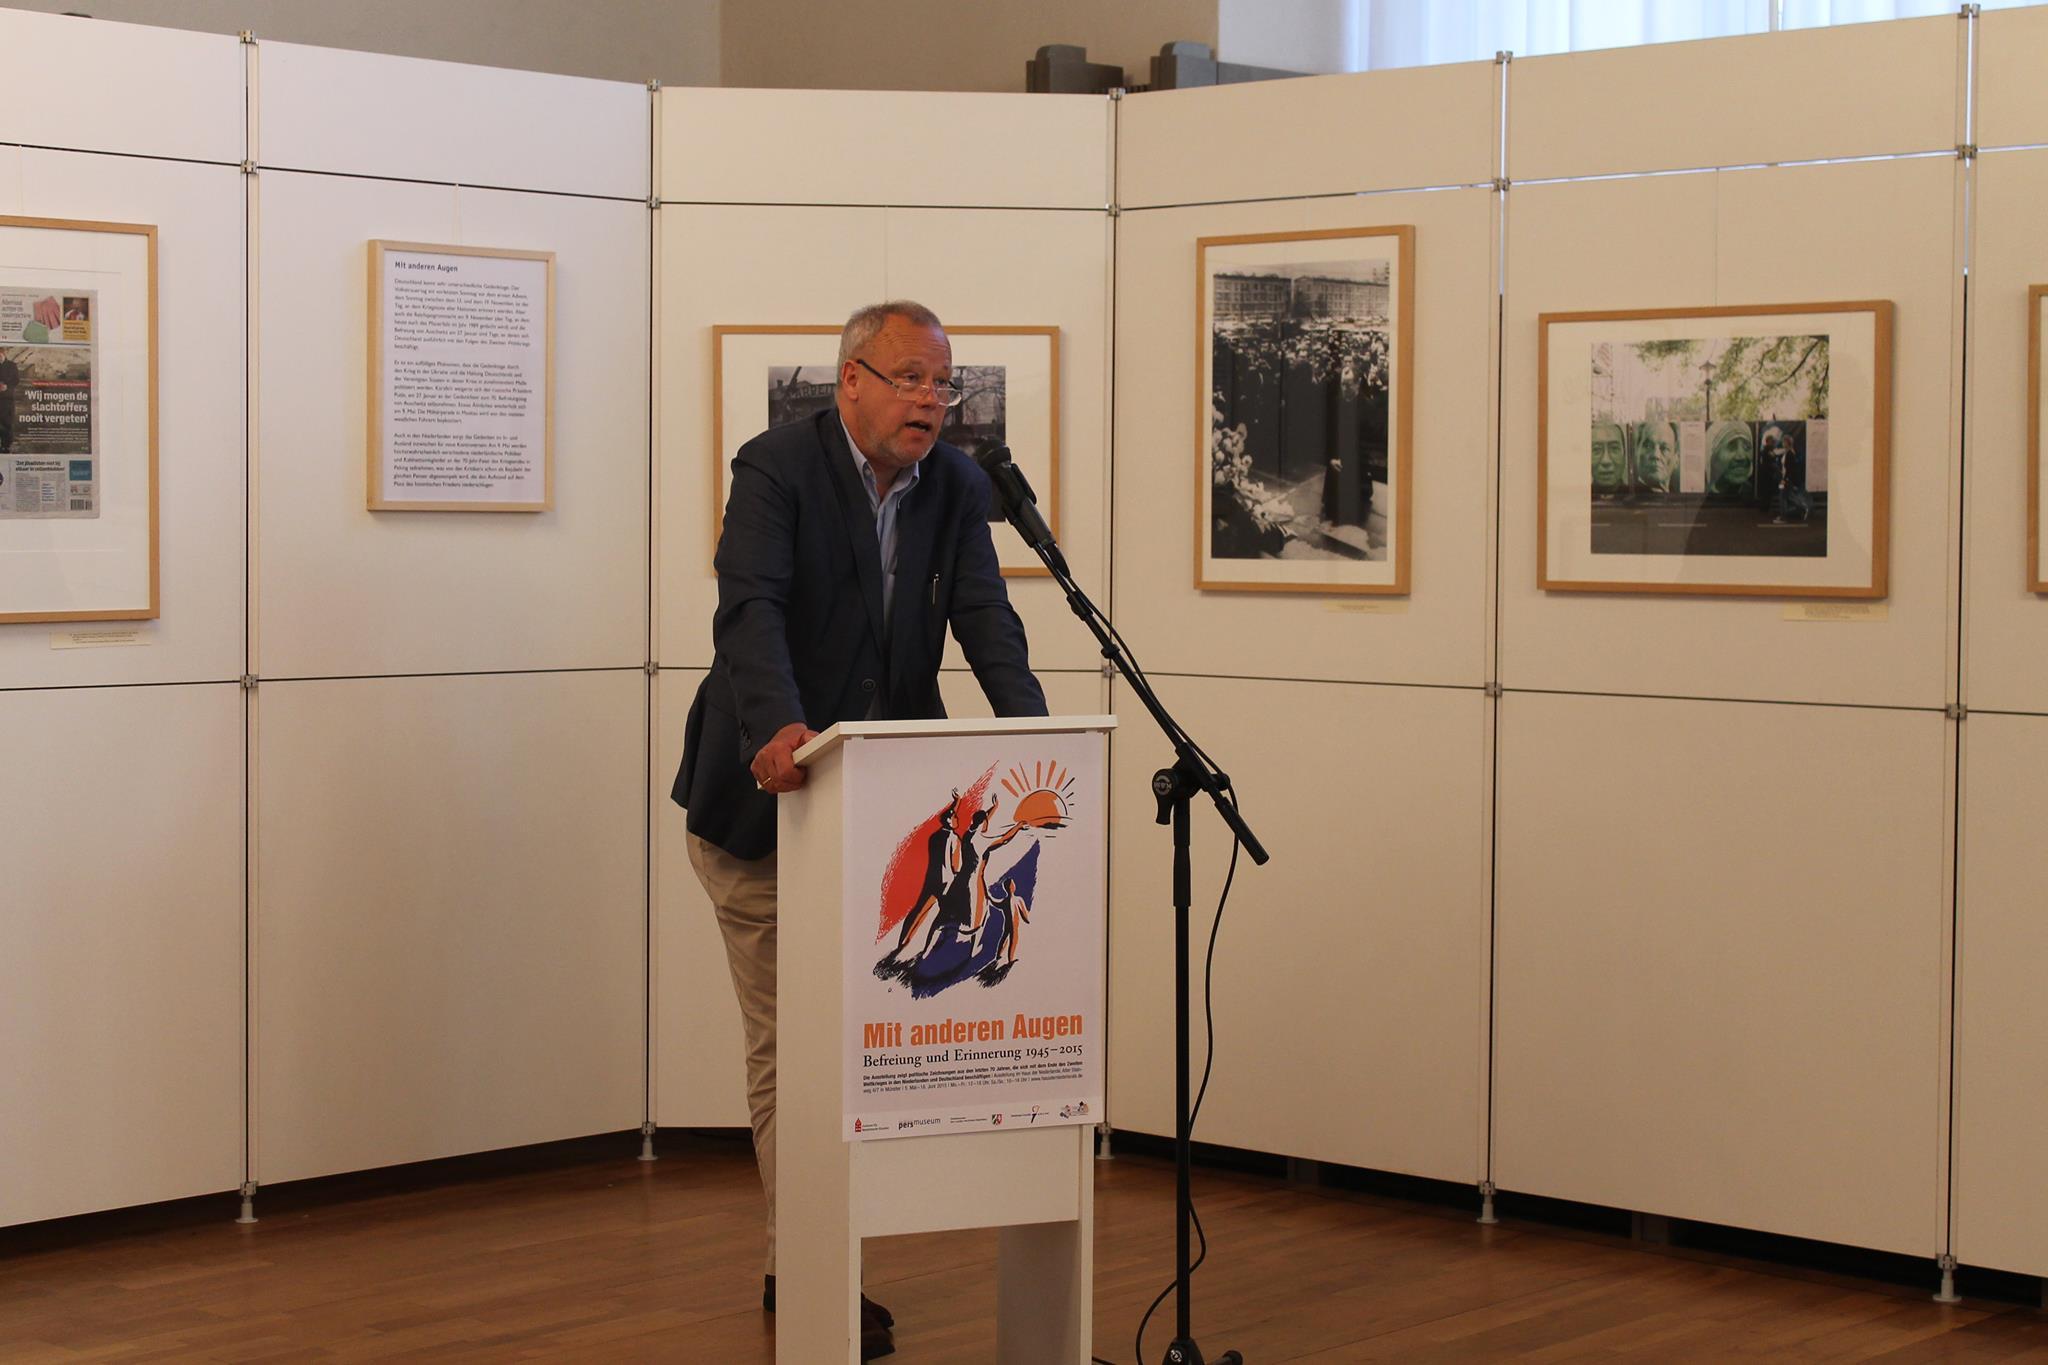 Met andere ogen: 70 jaar vrijheid in Nederland en Duitsland